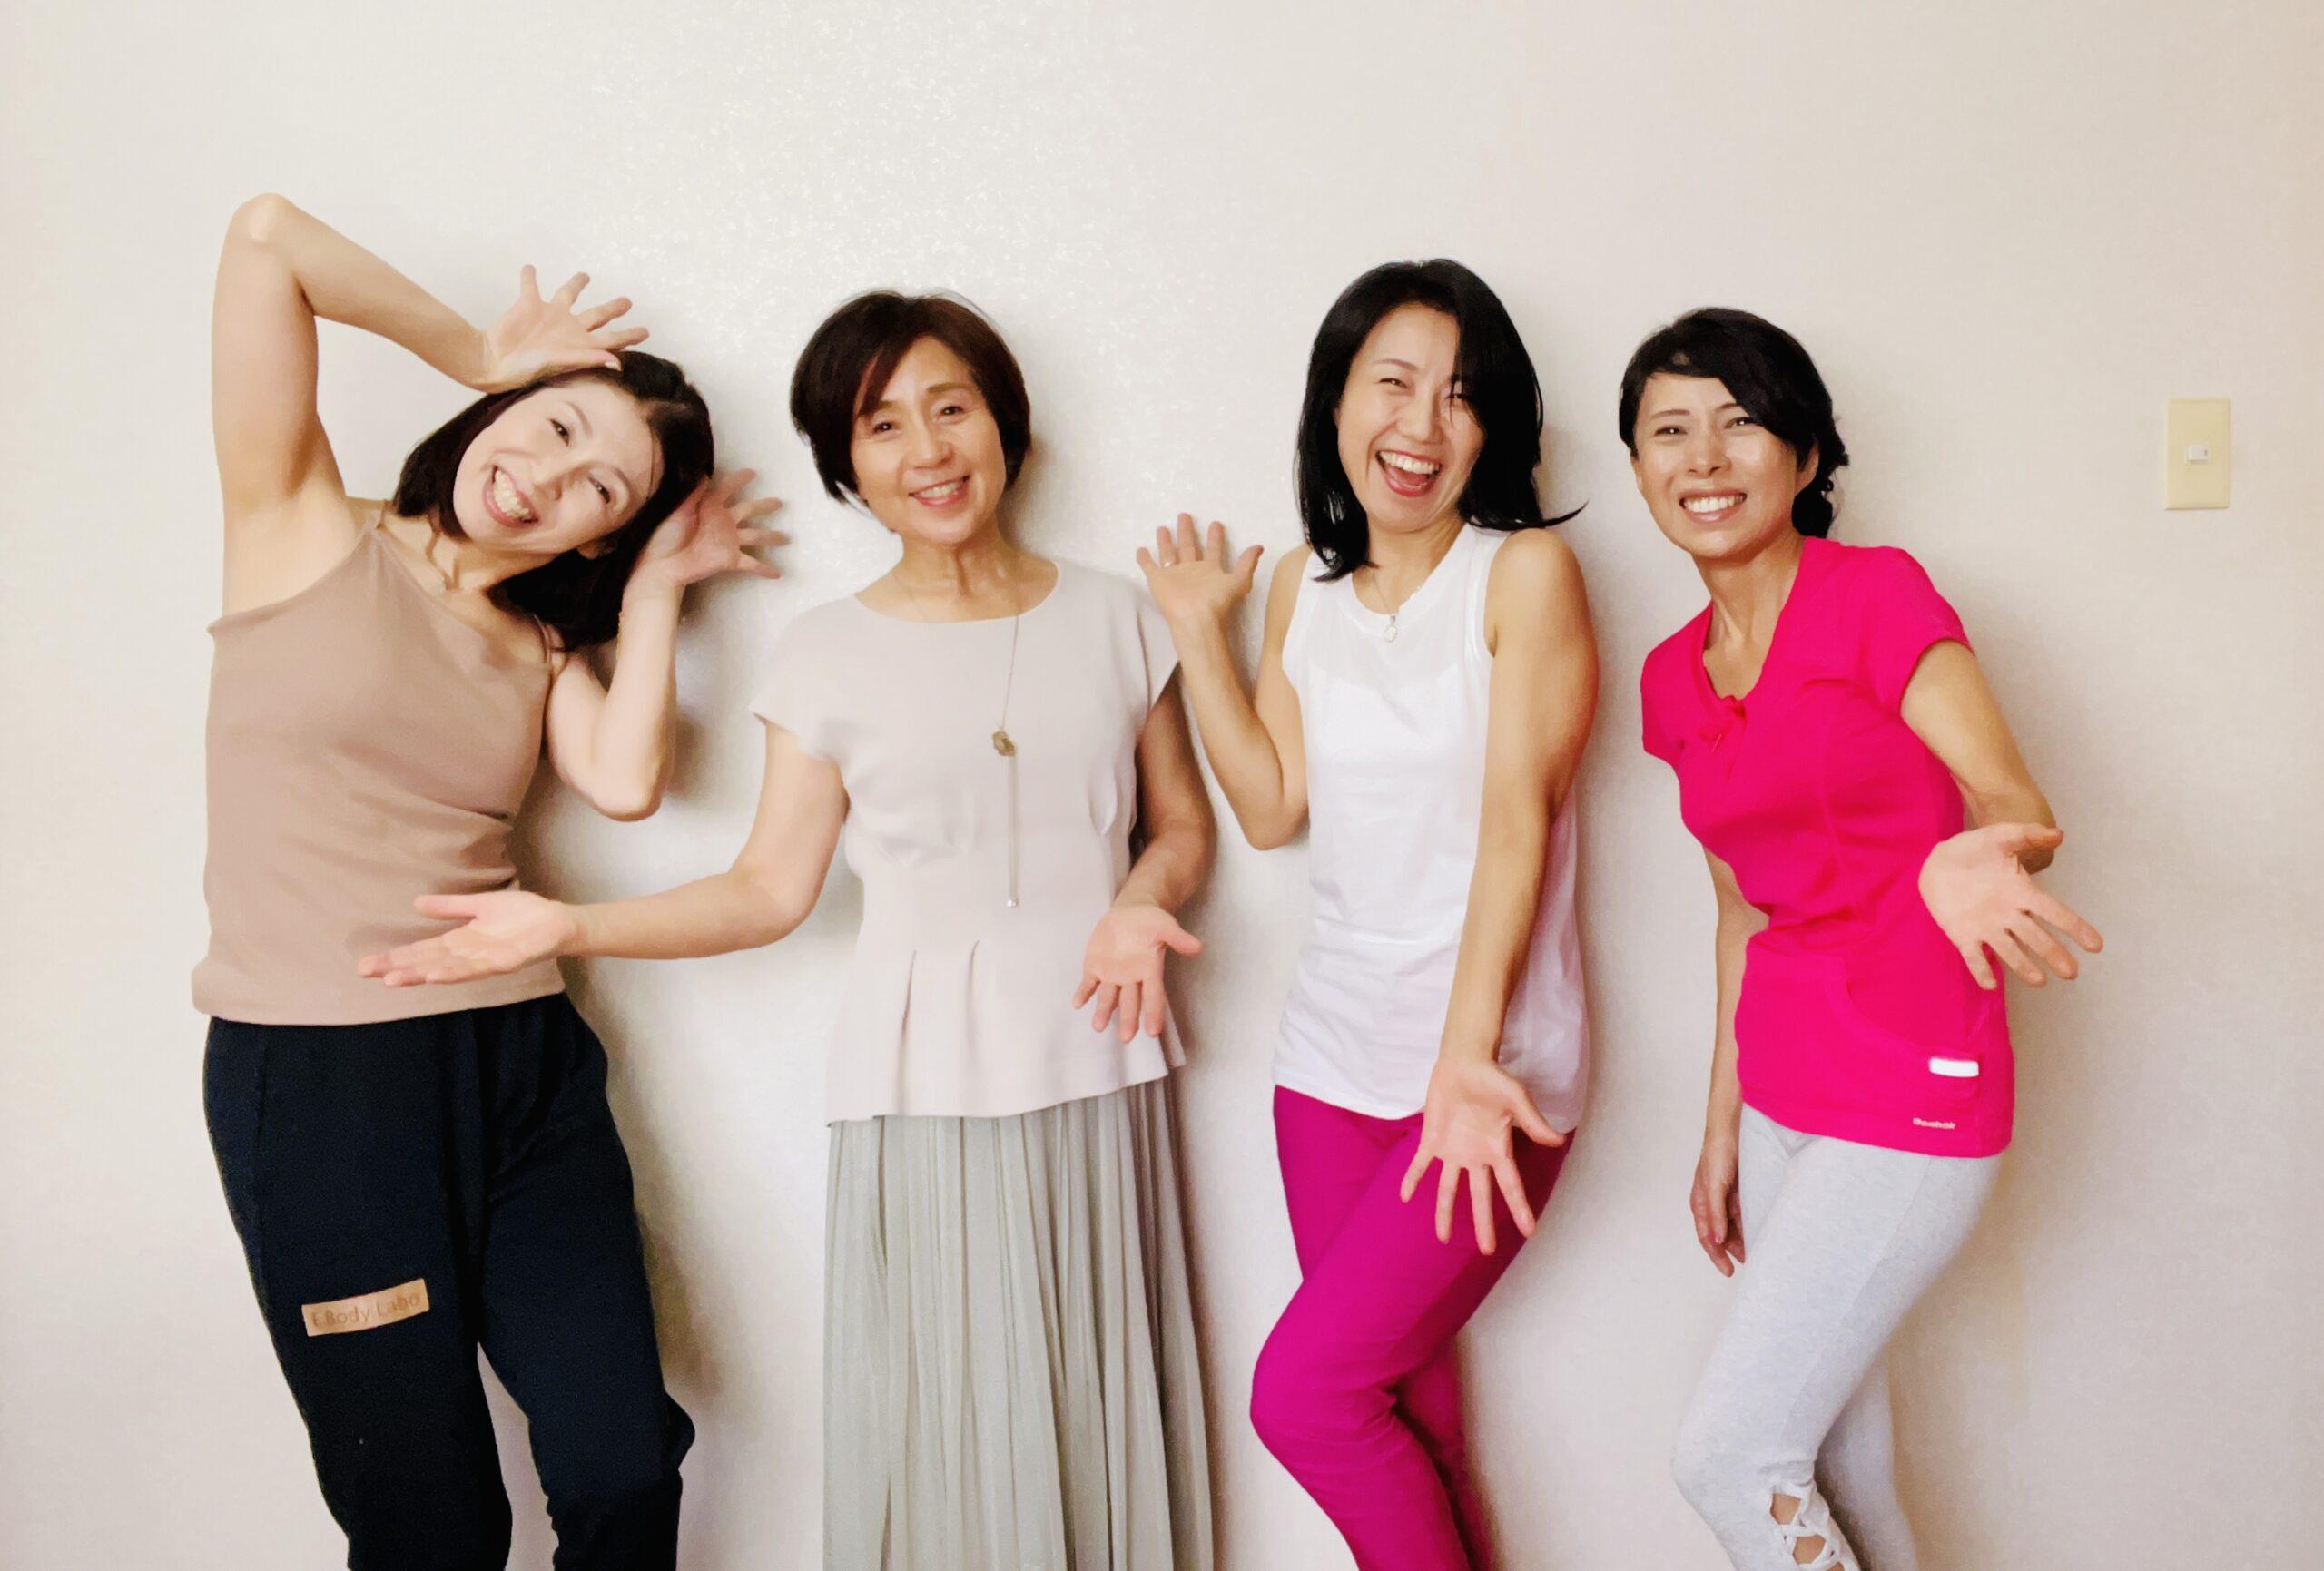 セルフケアマスター練習会で女神さまの美しさがさらにパワーアップ! | クリスタルビューティー 広島 天然100%ヘナ 美と健康のエステ